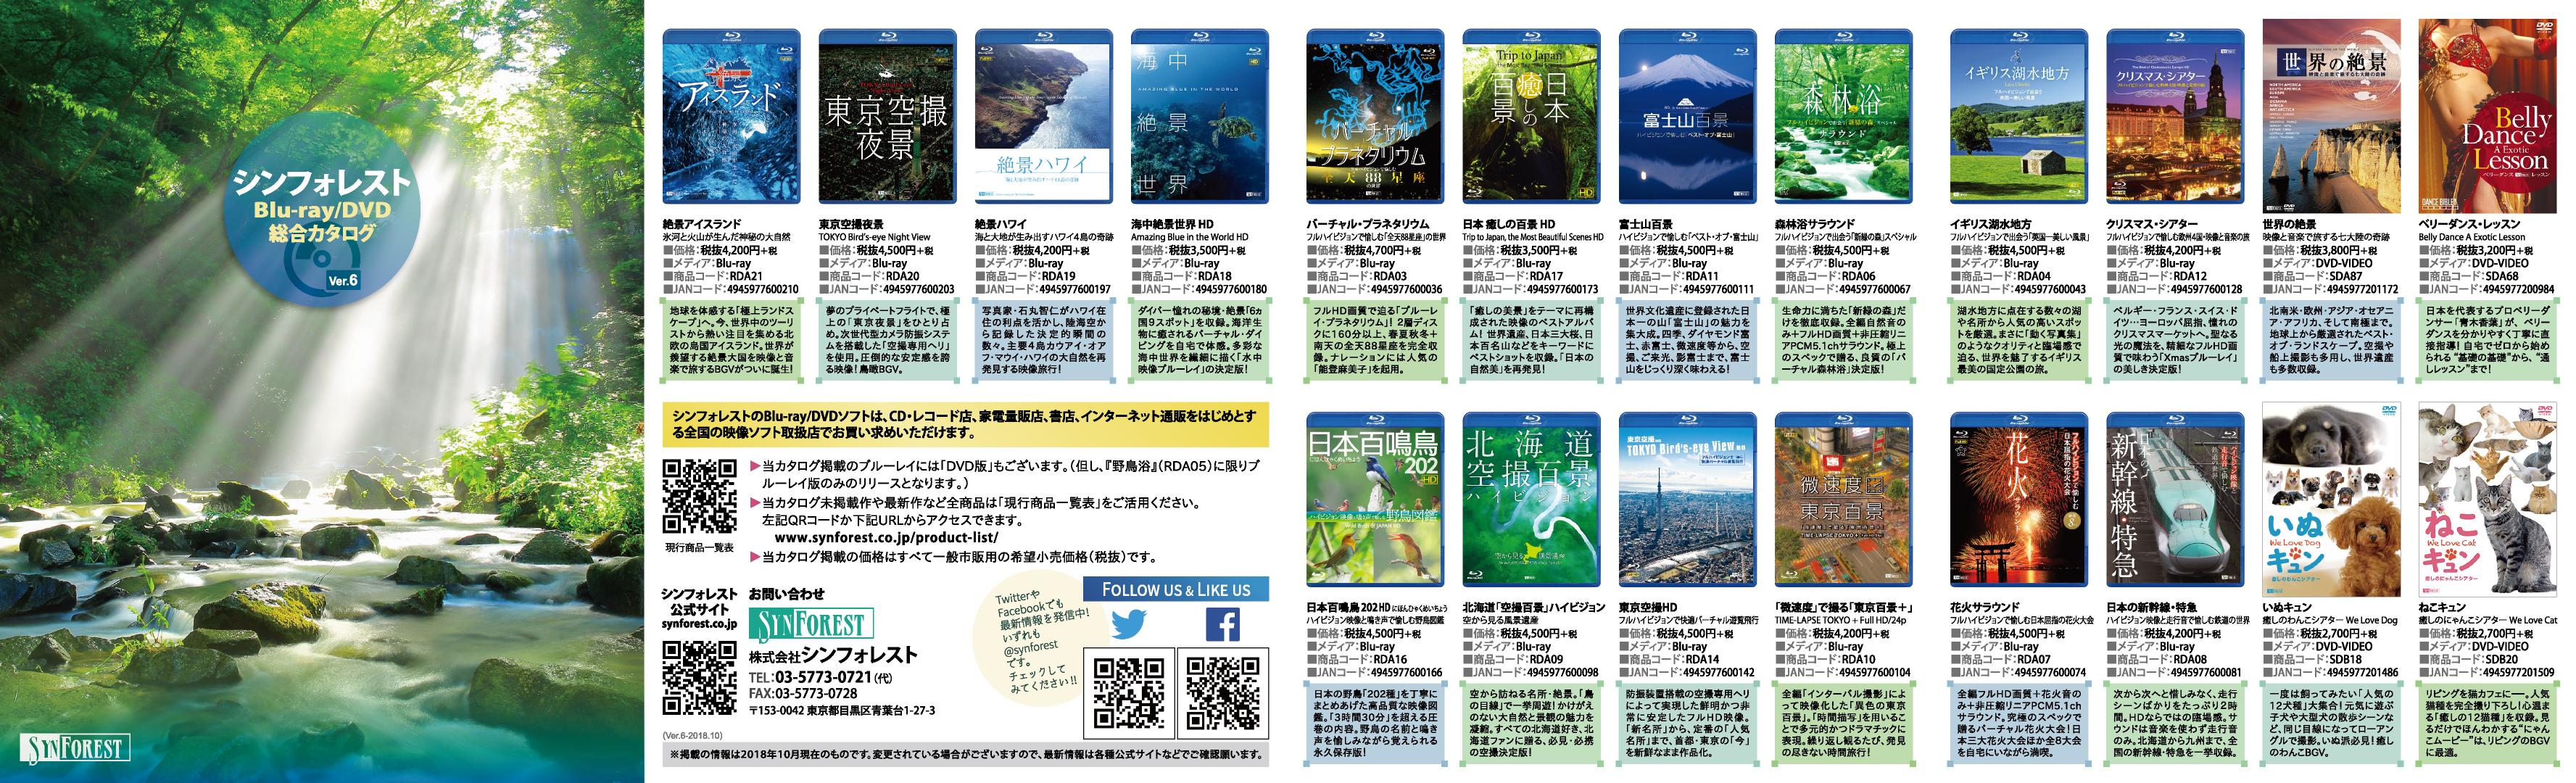 シンフォレスト総合カタログ-v6-JPEG-1-表面